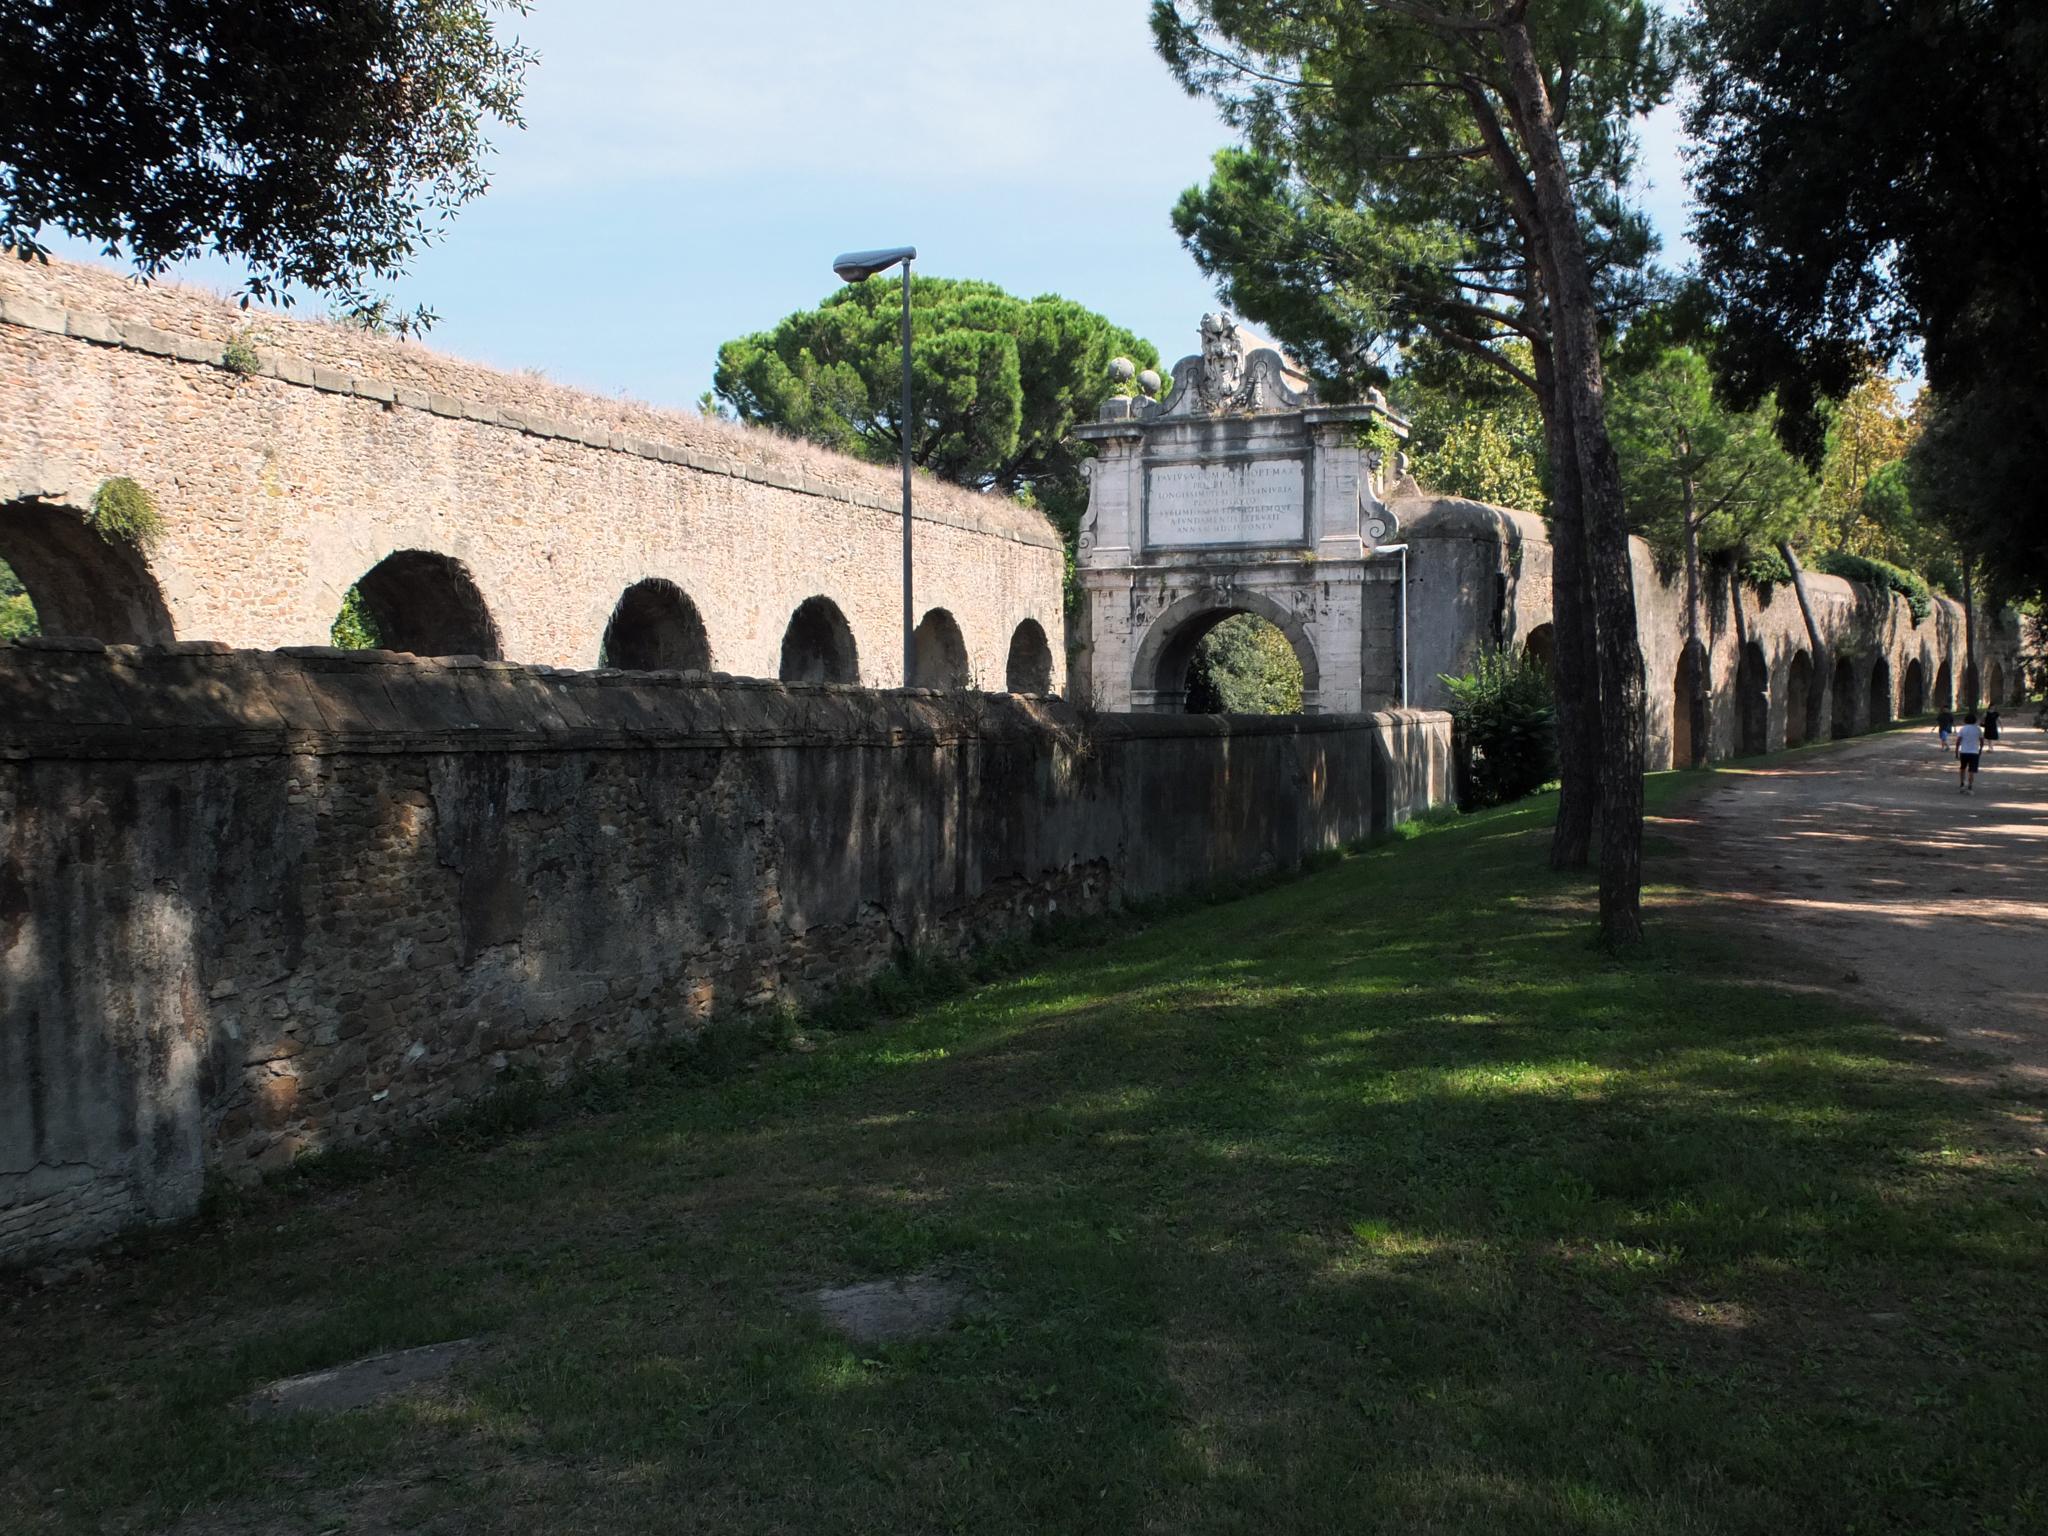 19.AqueductPaolo